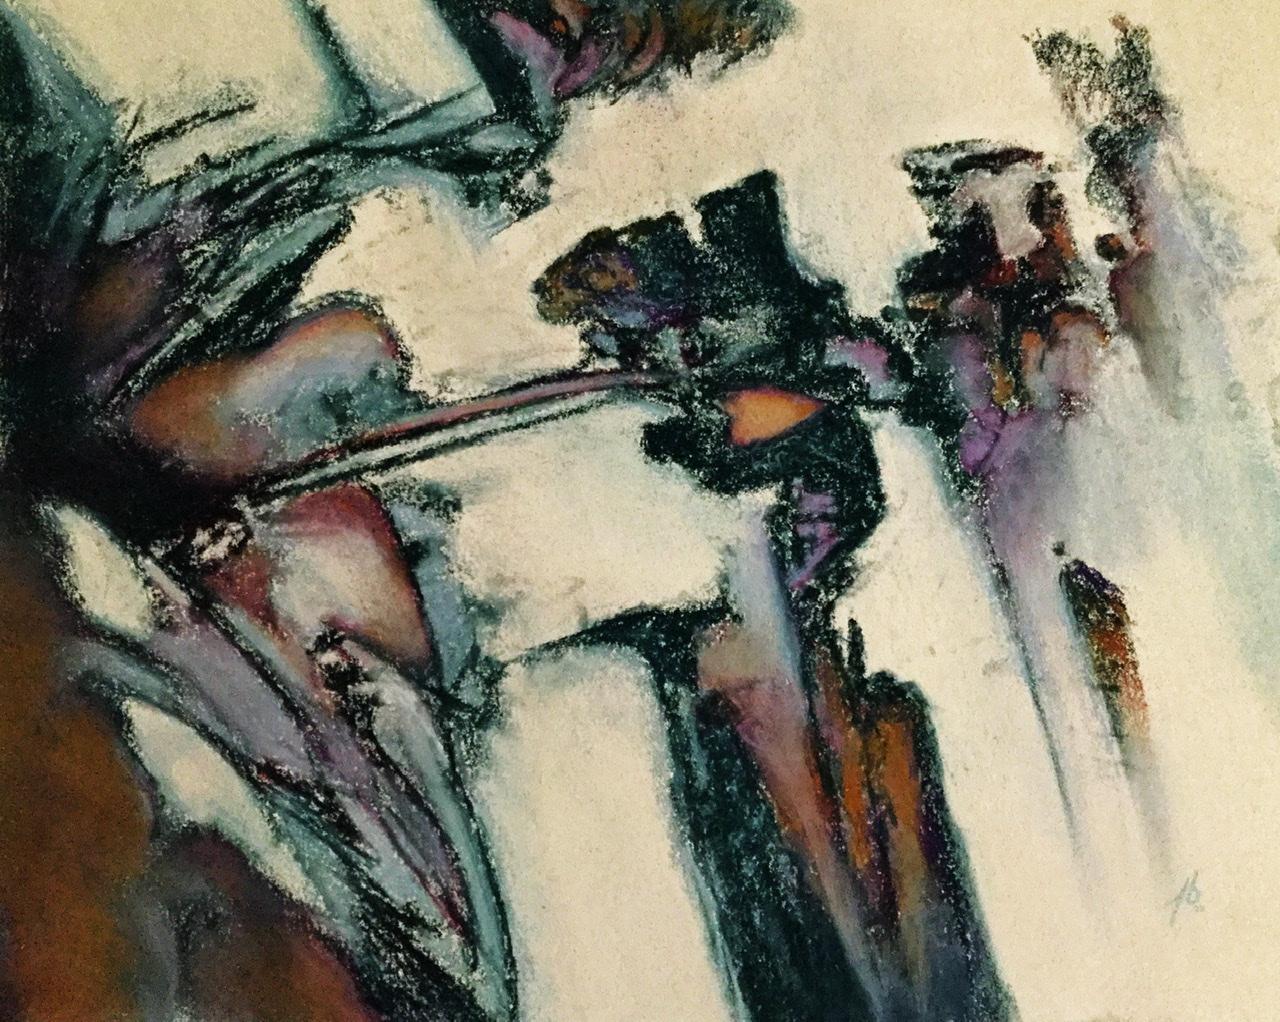 """<span style=""""color: #ff0000;""""><a style=""""color: #ff0000;"""" href=""""mailto:pbureau@hotmail.com?subject=Défi 15 dessins 15 semaines -   Suspension"""">Contacter l'artiste</a></span> Pierre Bureau -   Suspension - 275 $ (transaction directement avec l'artiste) - pastel sec sur papier-coton BFK Rives - 31 x 39 cm"""